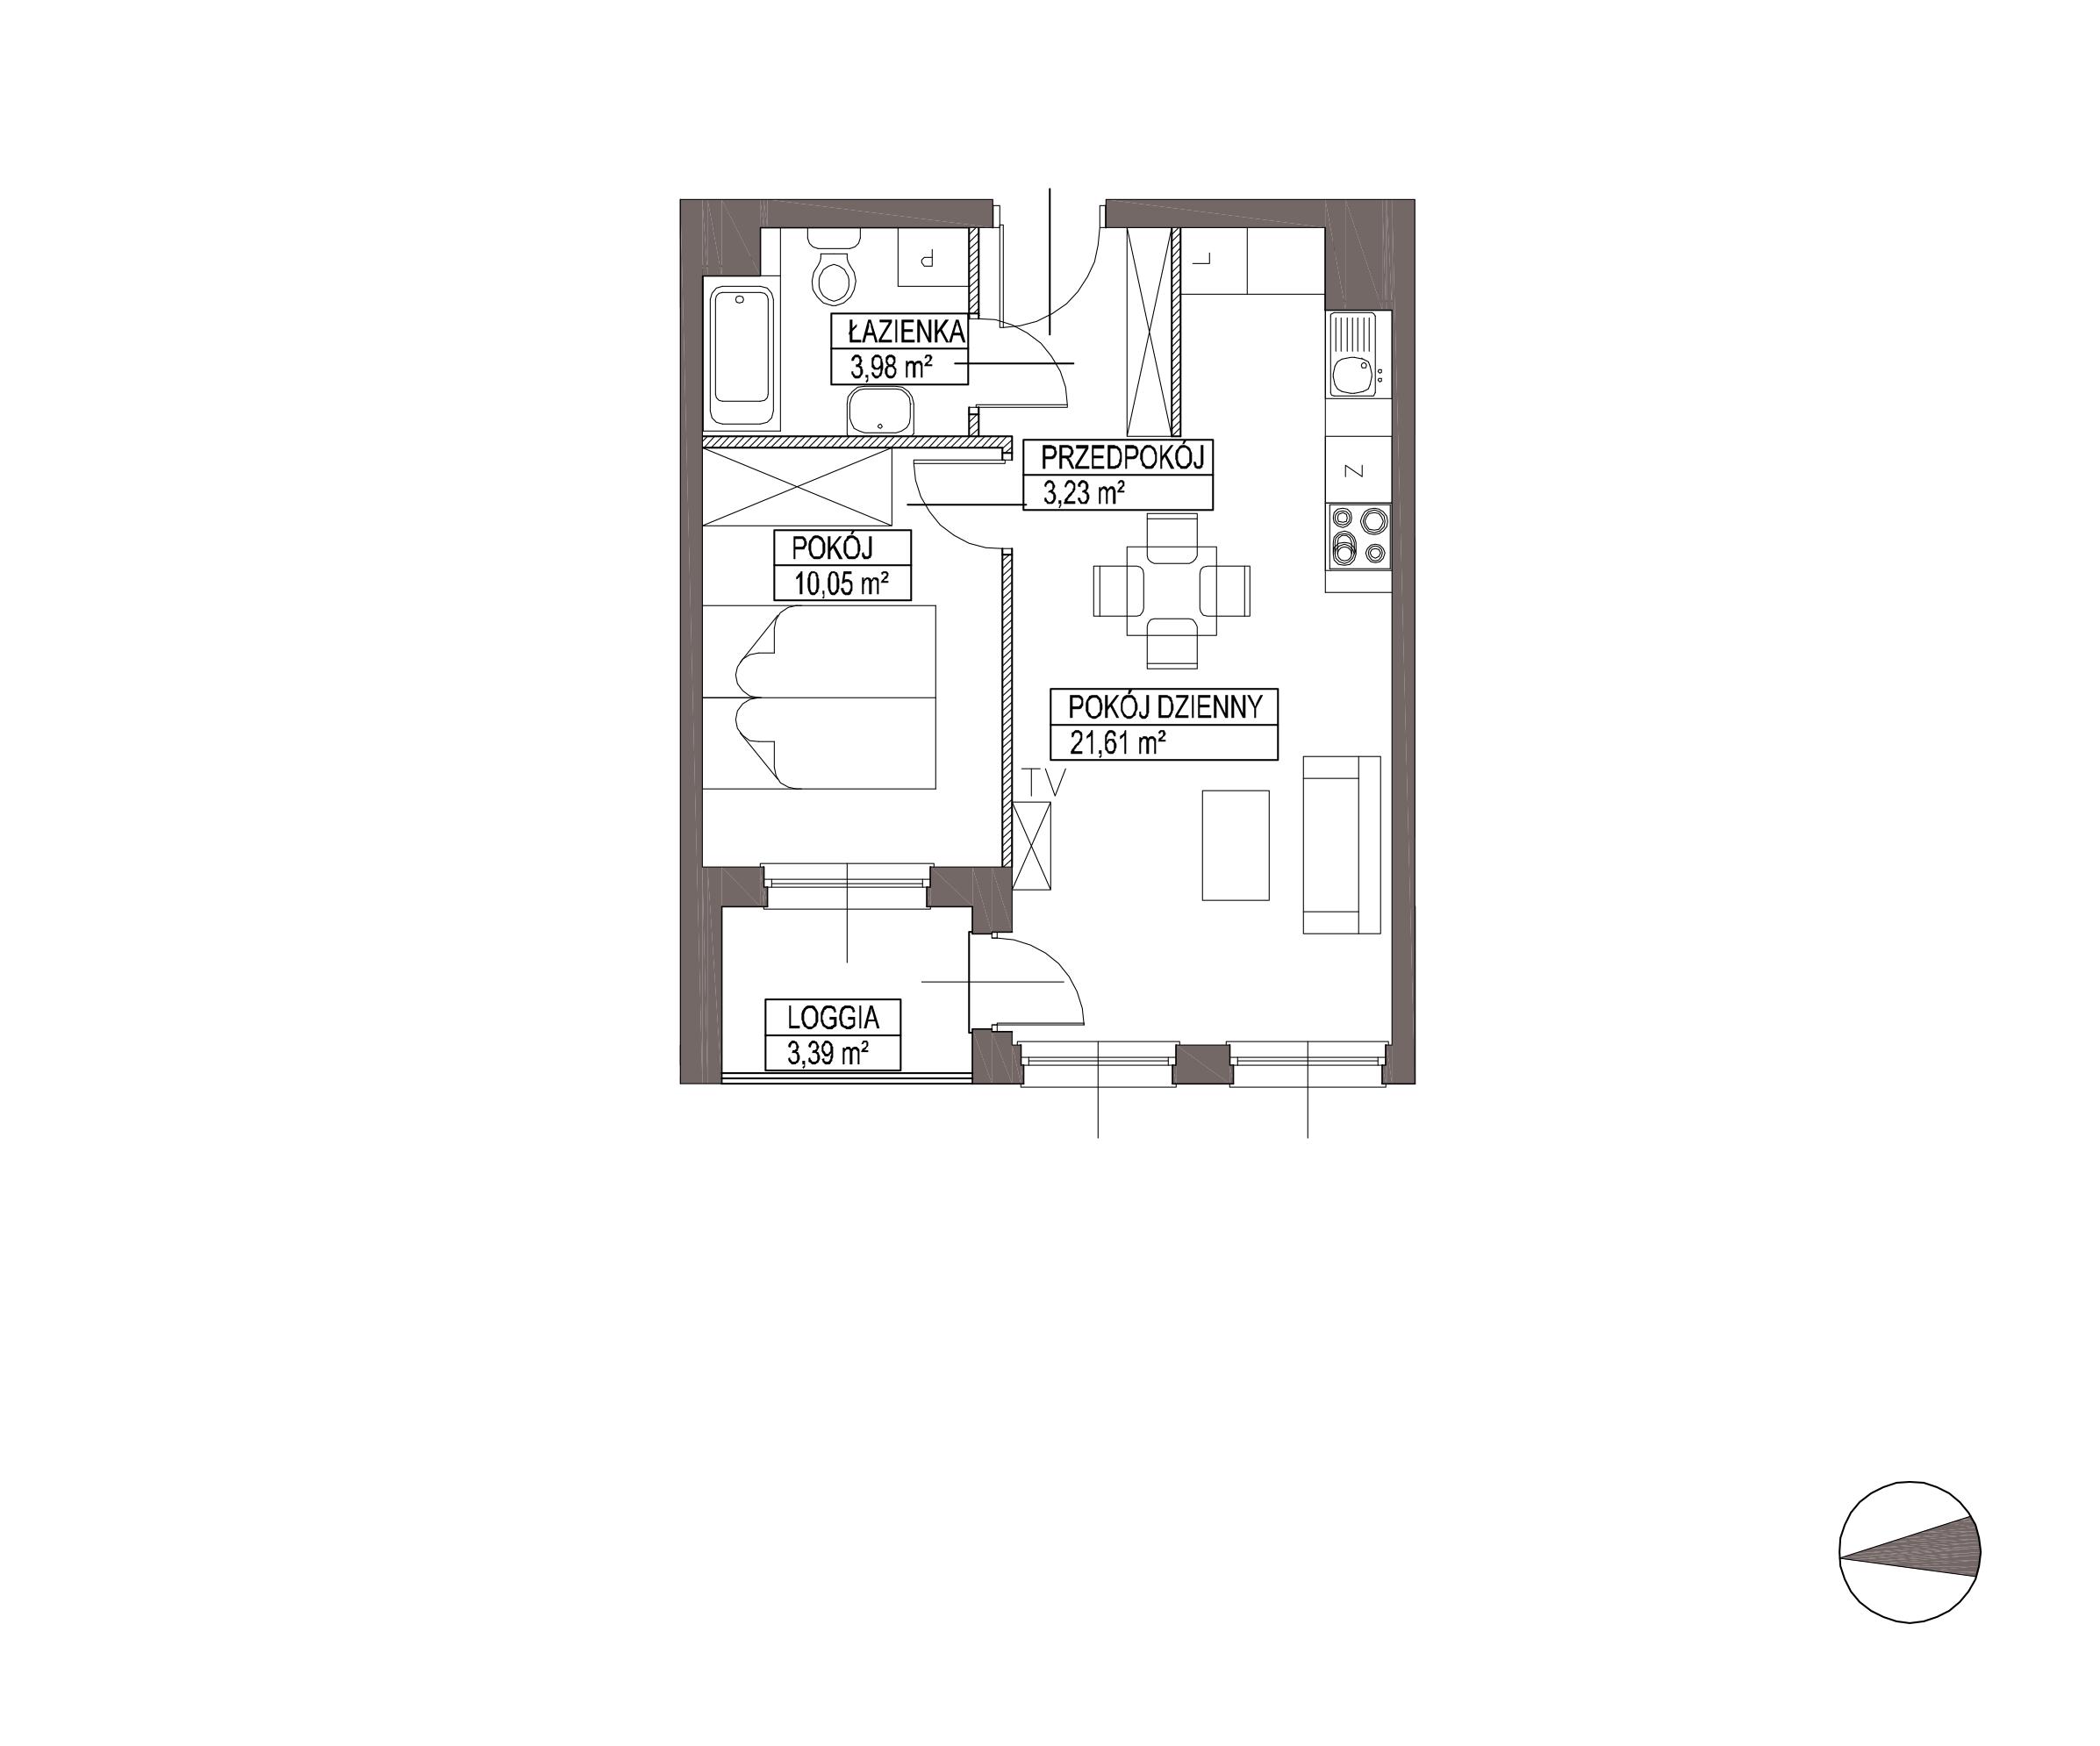 Kameralna Olszówka / budynek 1 / mieszkanie KO/B/2/2 rzut 1